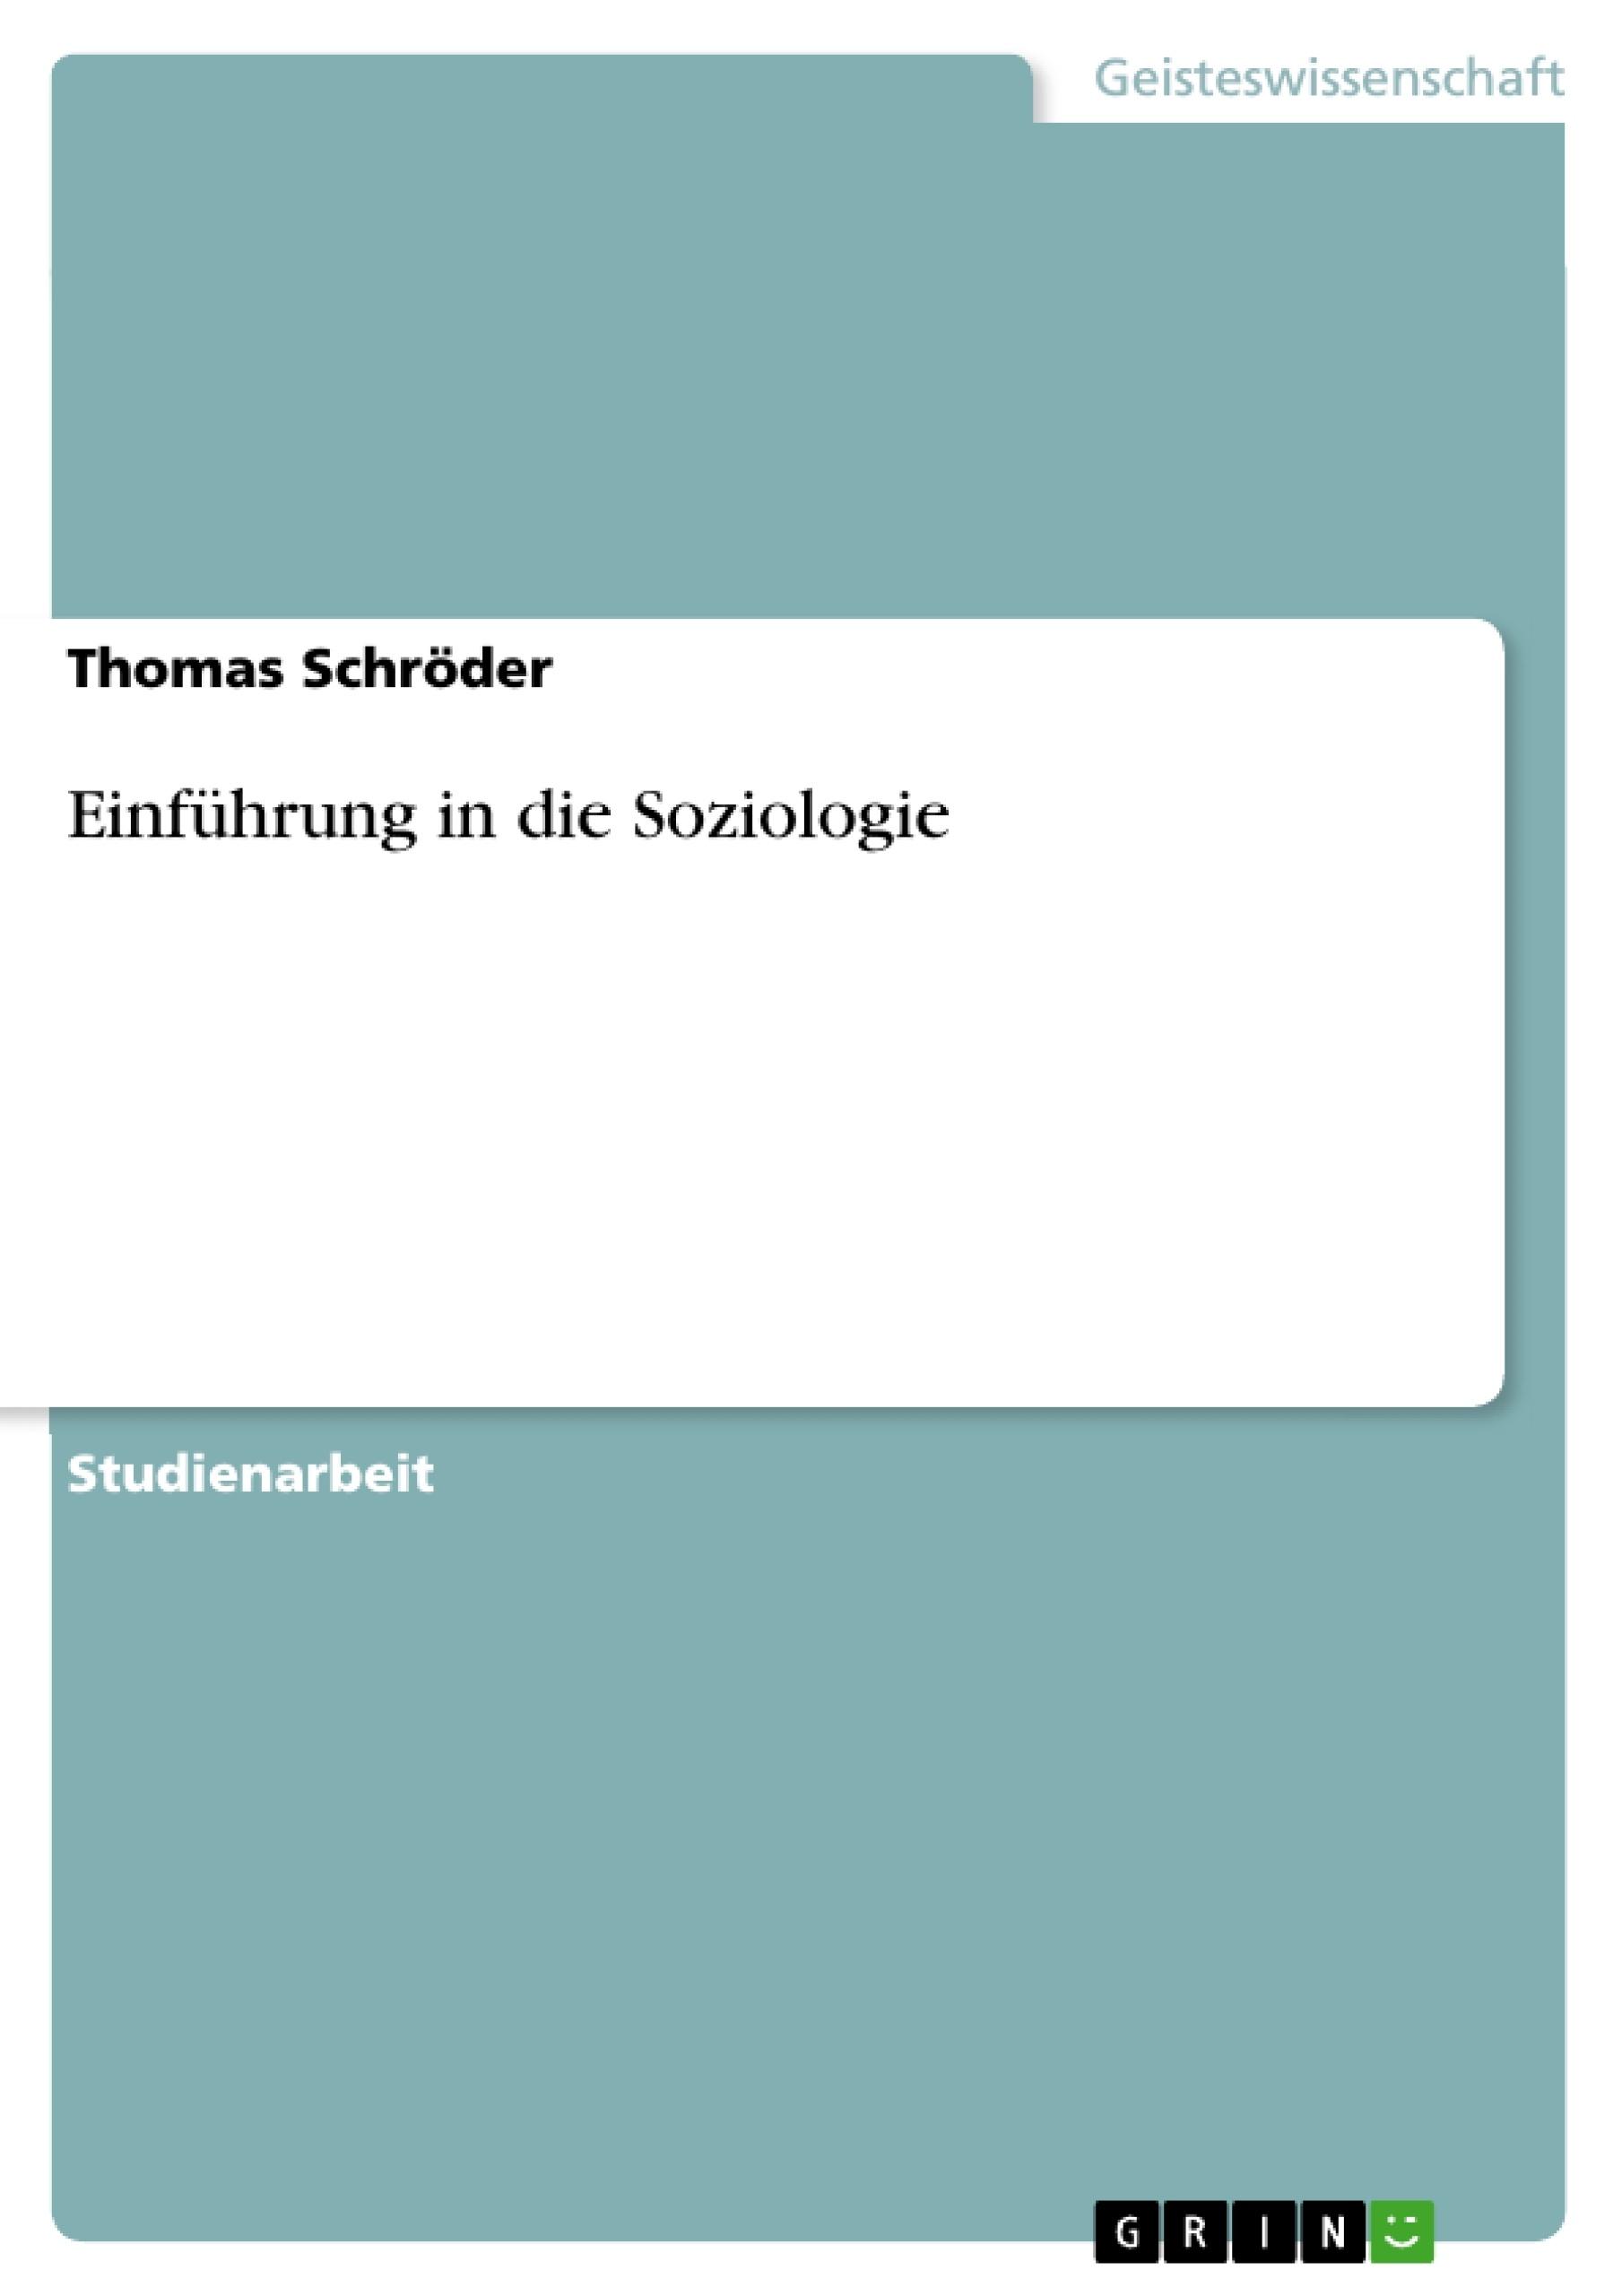 Titel: Einführung in die Soziologie